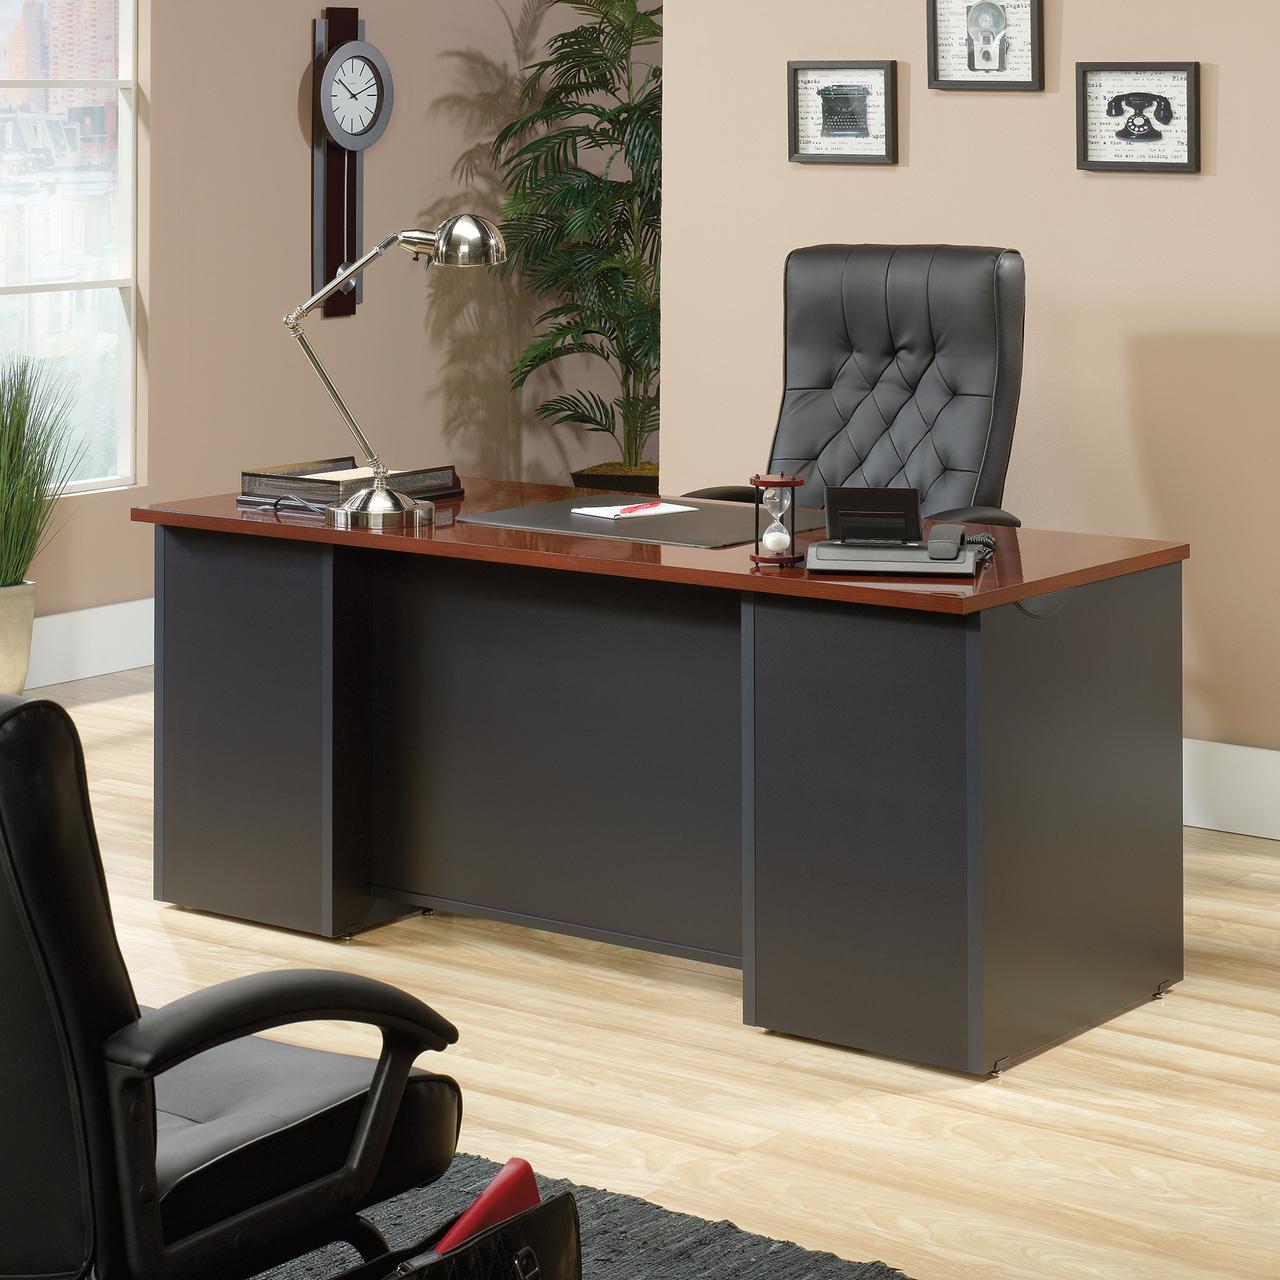 Sauder Via In Jacksonville Fl Sauder The Furniture Co